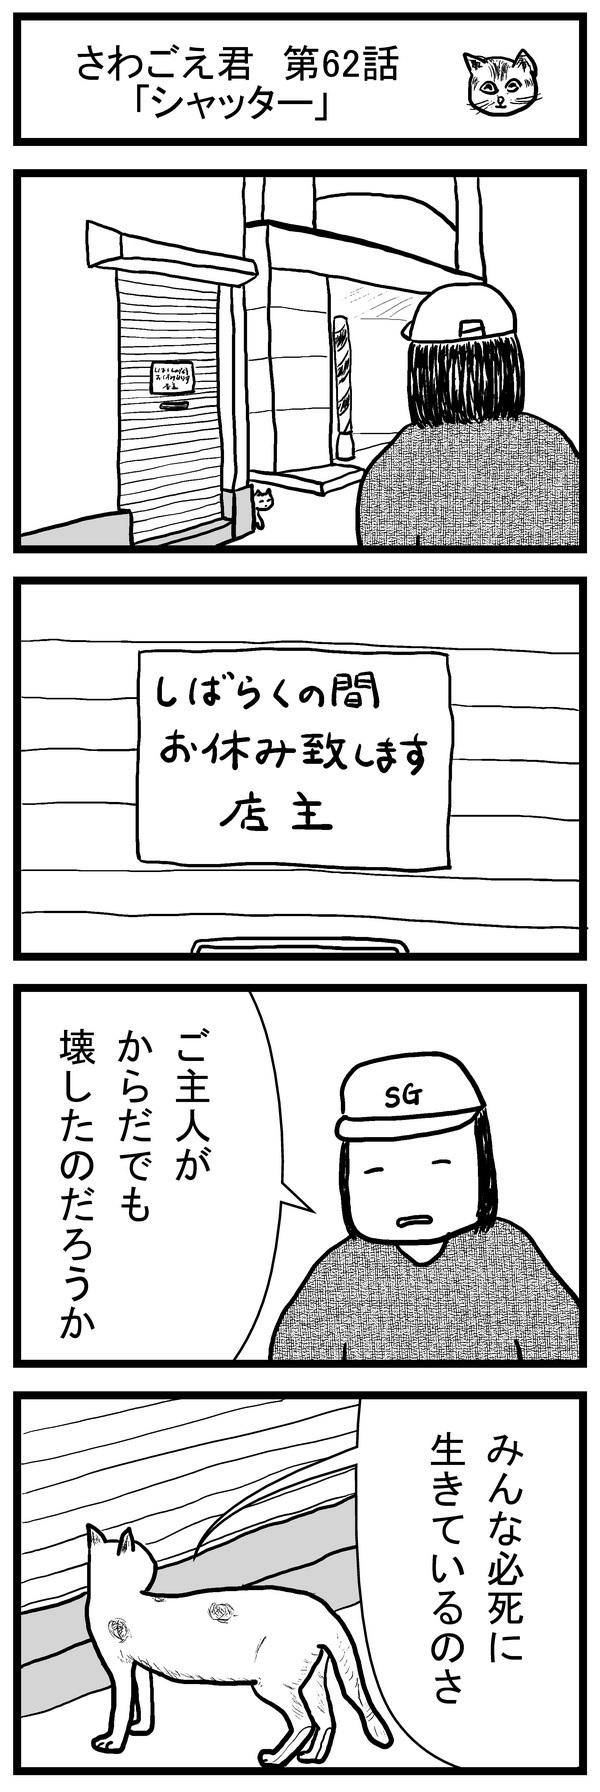 さわごえ君第62話ブログ用.jpg